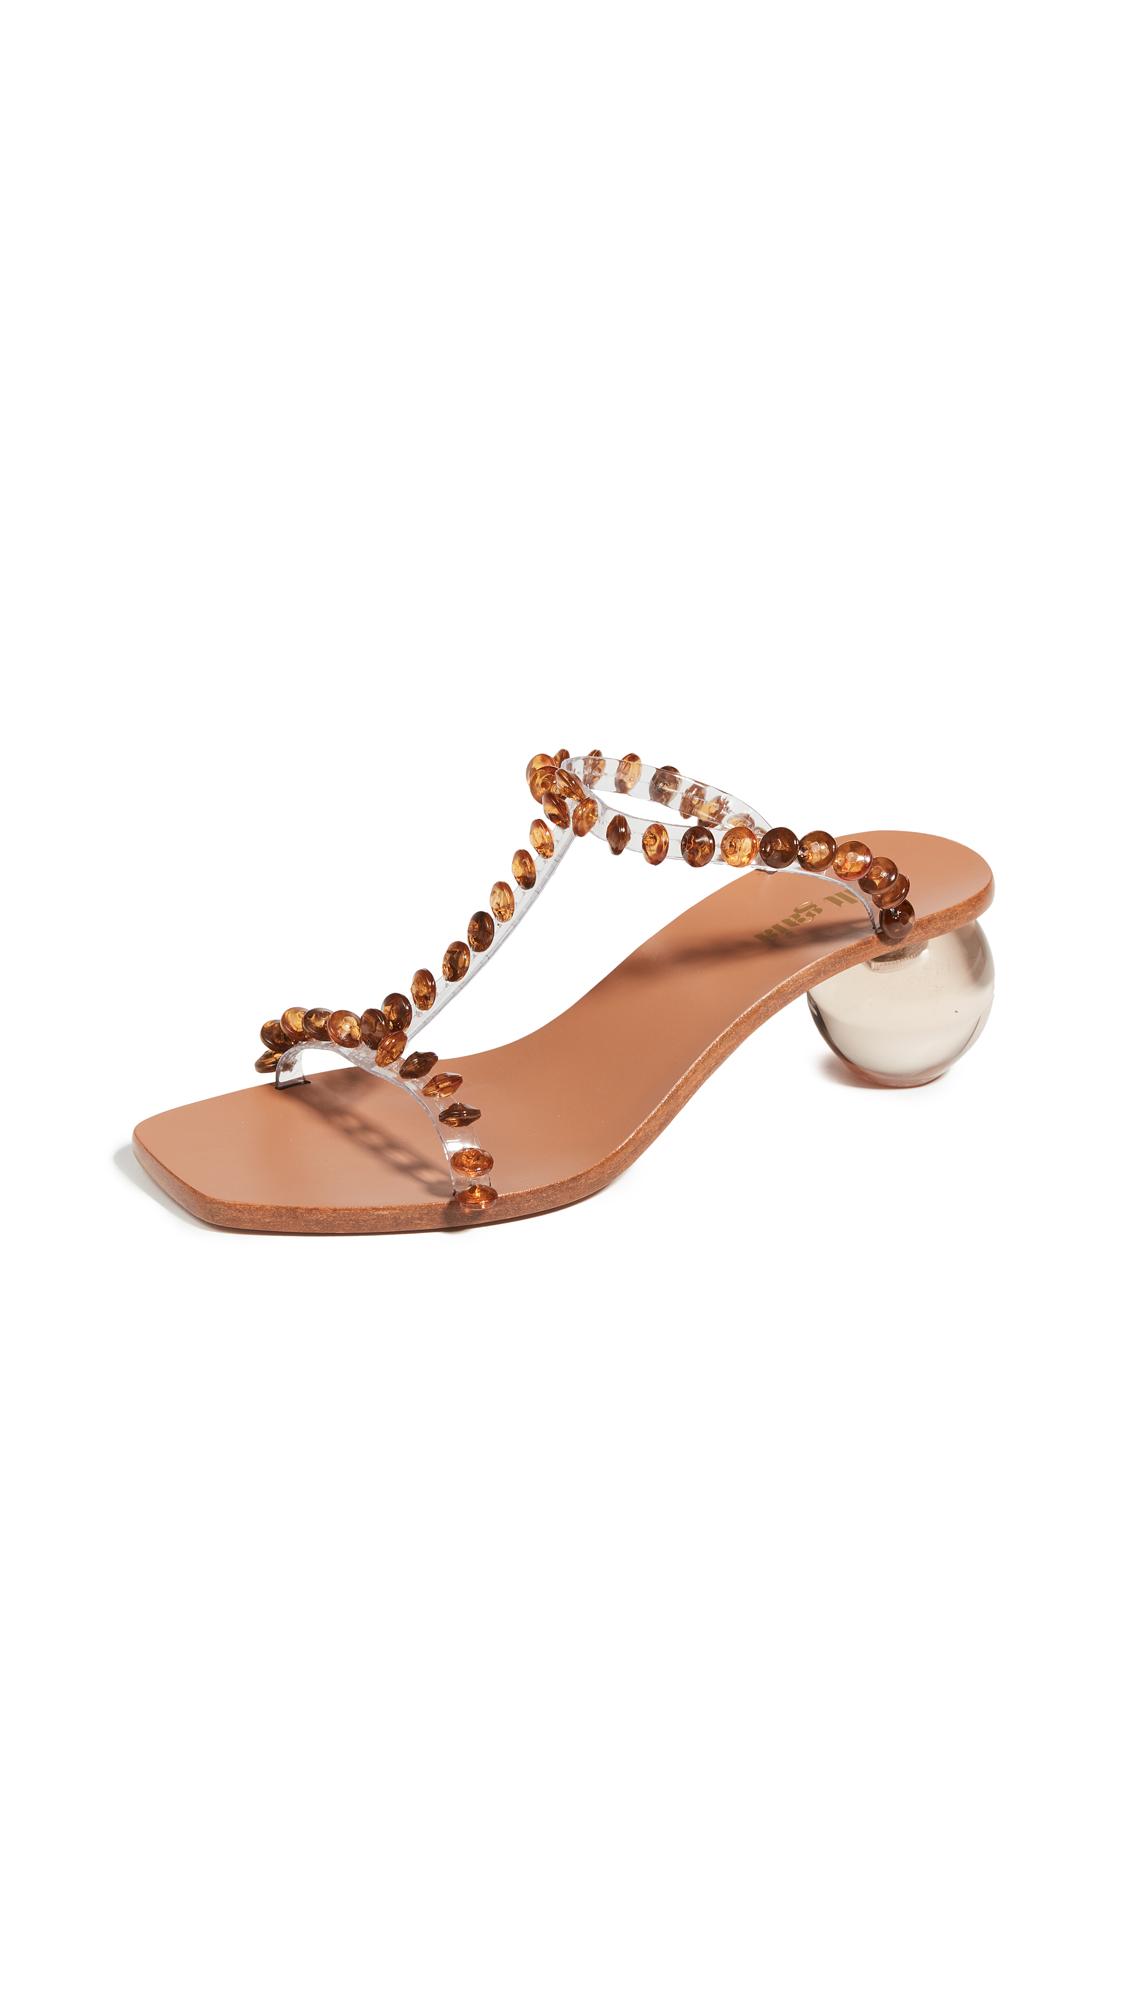 Cult Gaia Clio Heel Sandals